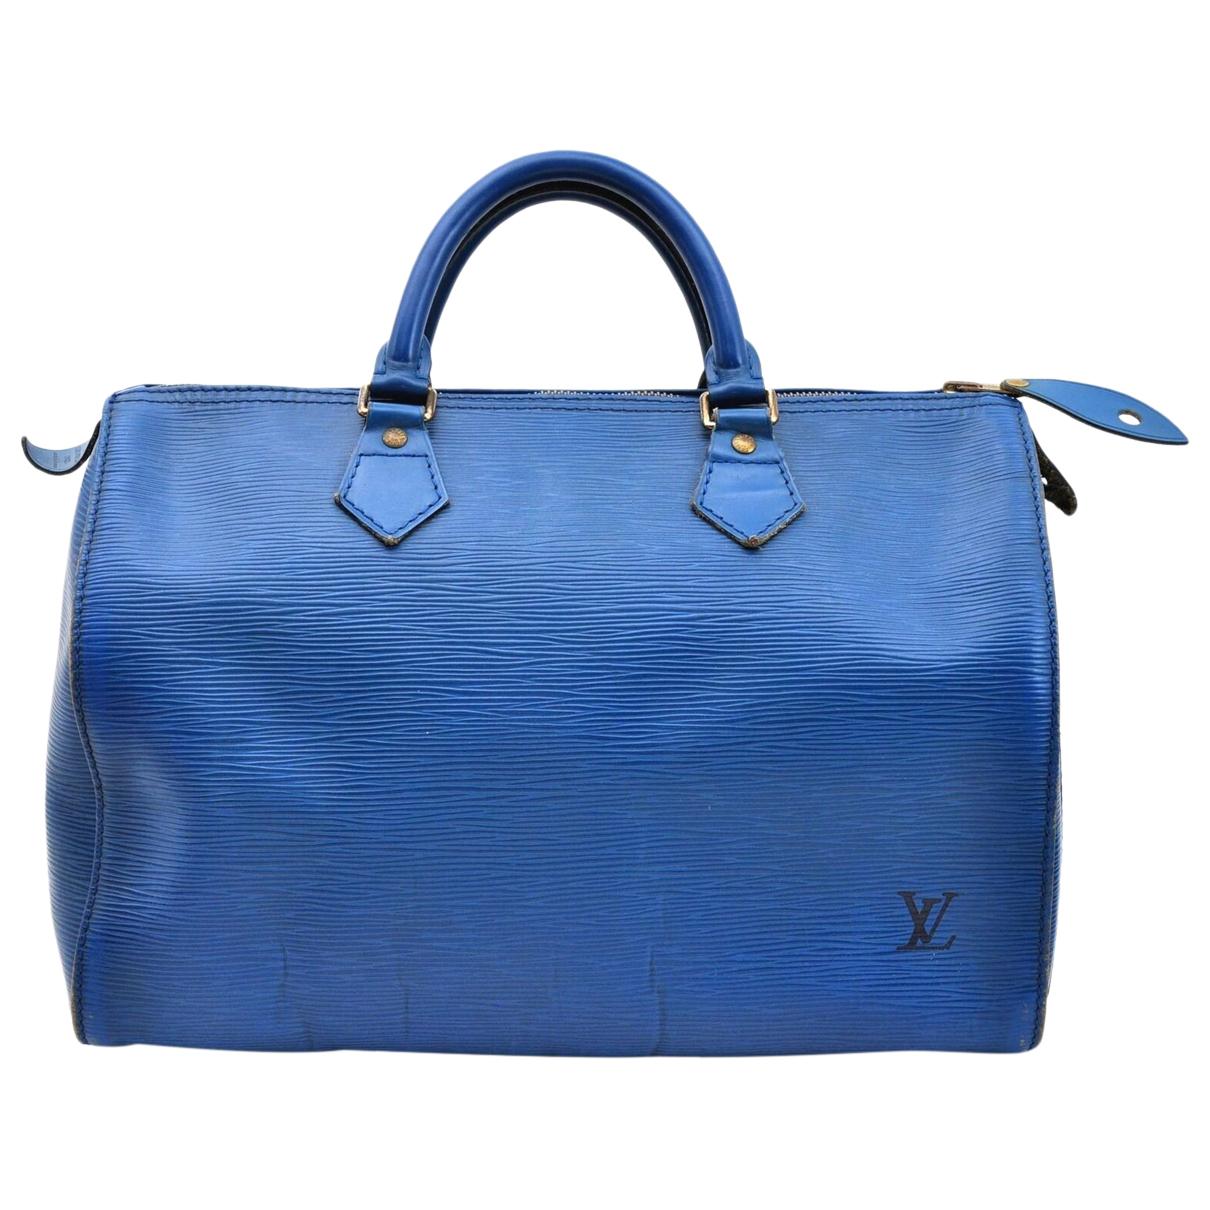 Louis Vuitton \N Handtasche in  Blau Leder